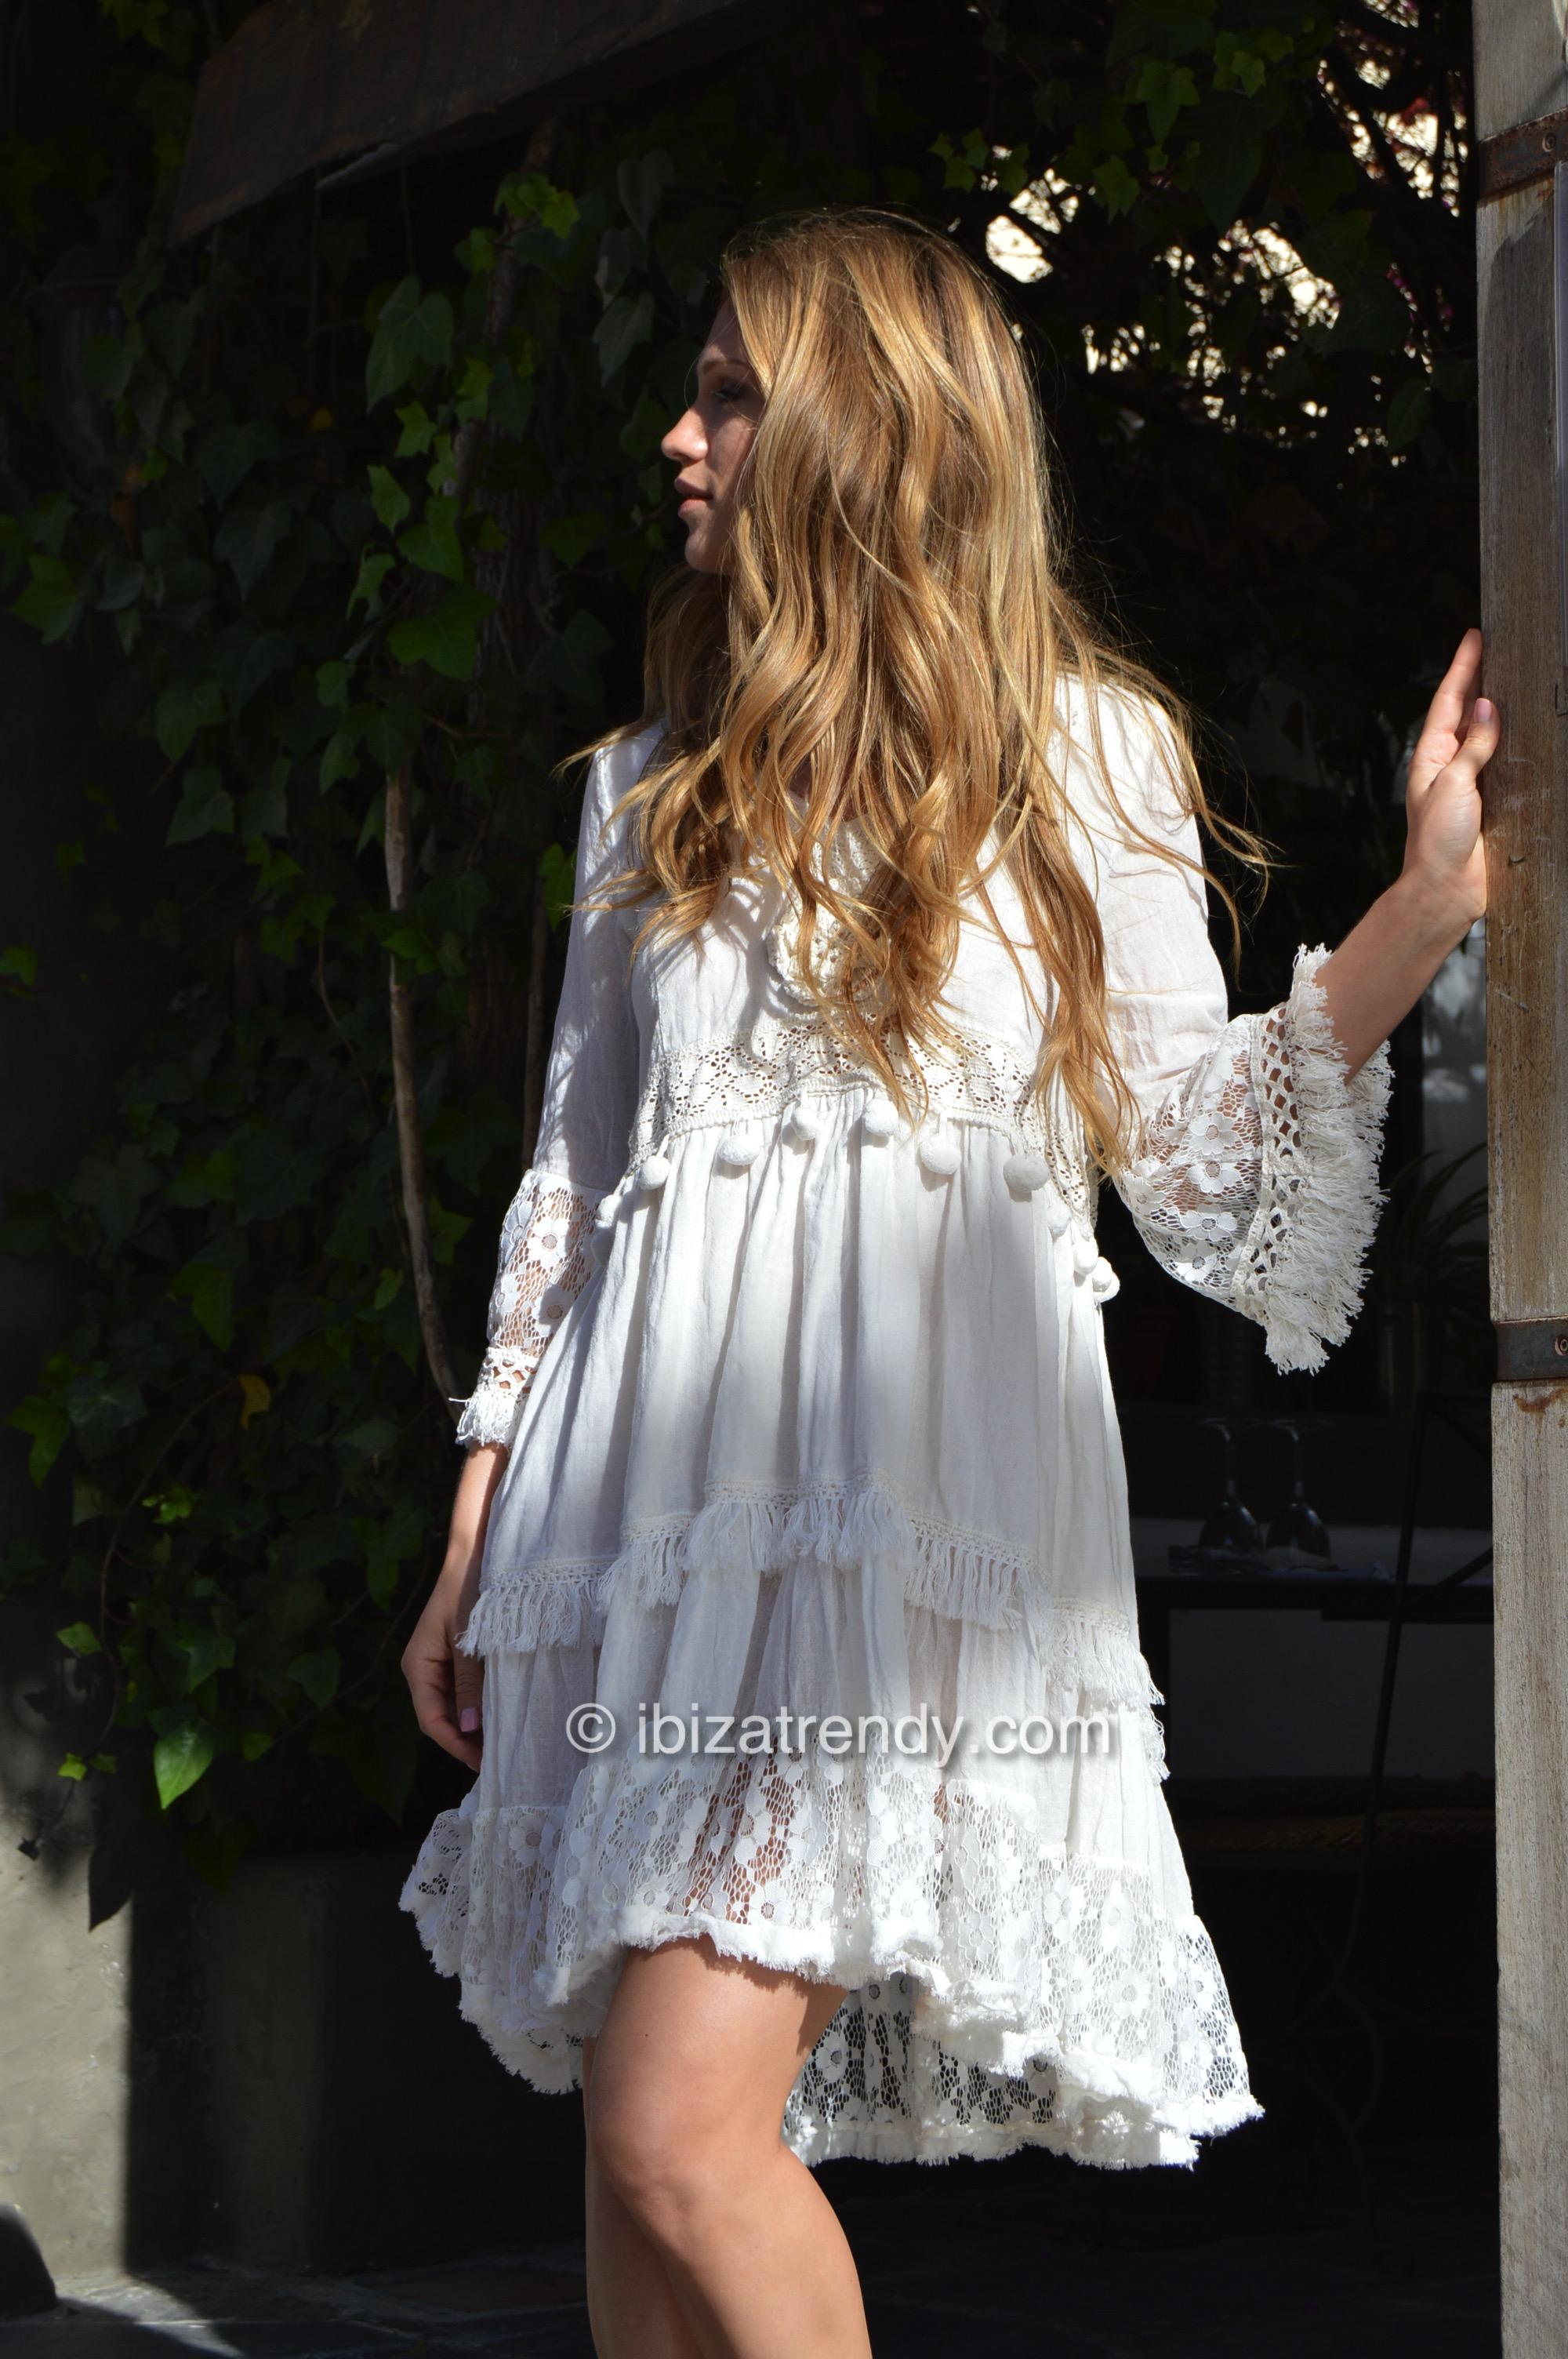 c25e74f87 vestido blanco detalles boho chic lace Ibiza Trendy Fioroni-2